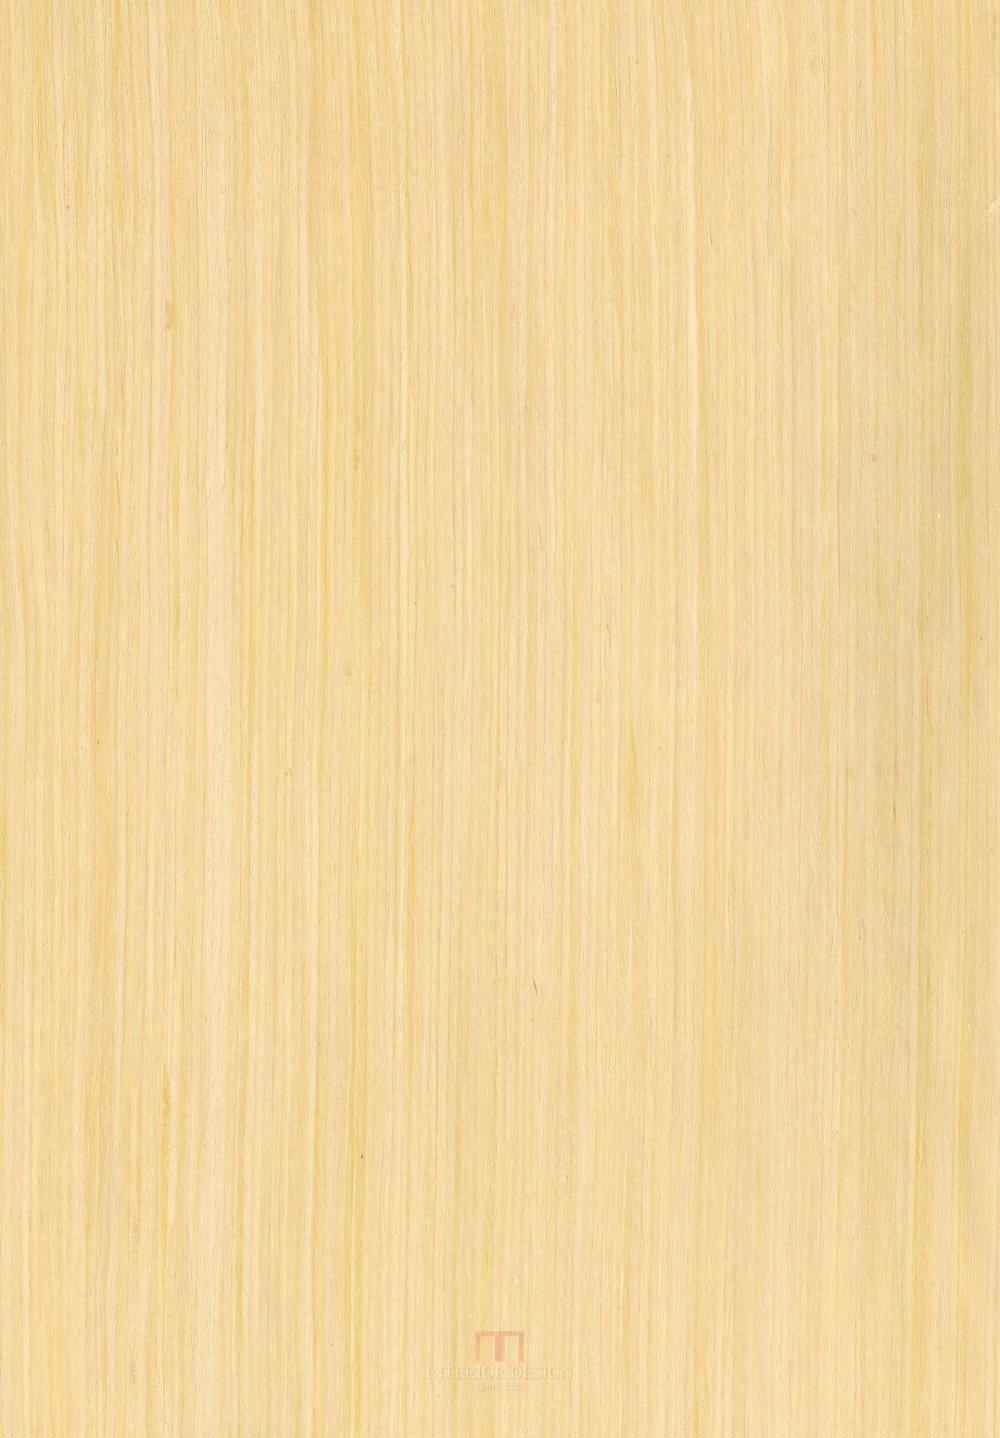 人造木纹_K6224_F0603.jpg